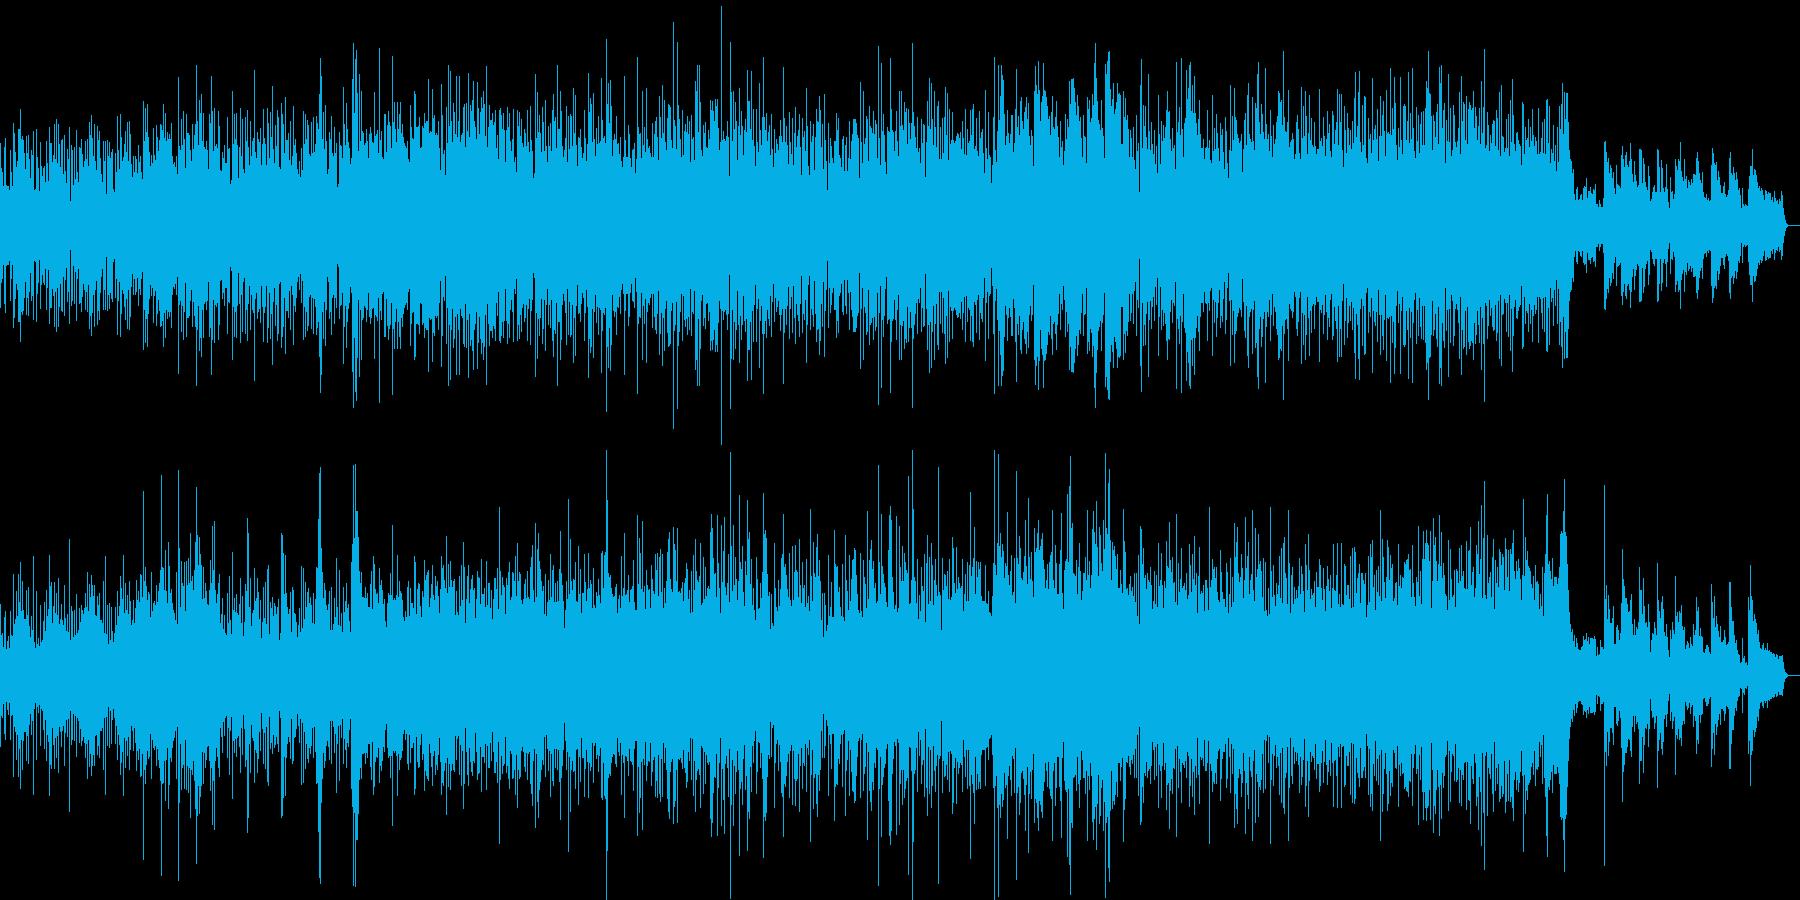 儚いイメージの曲調ですが暗すぎず、しっ…の再生済みの波形